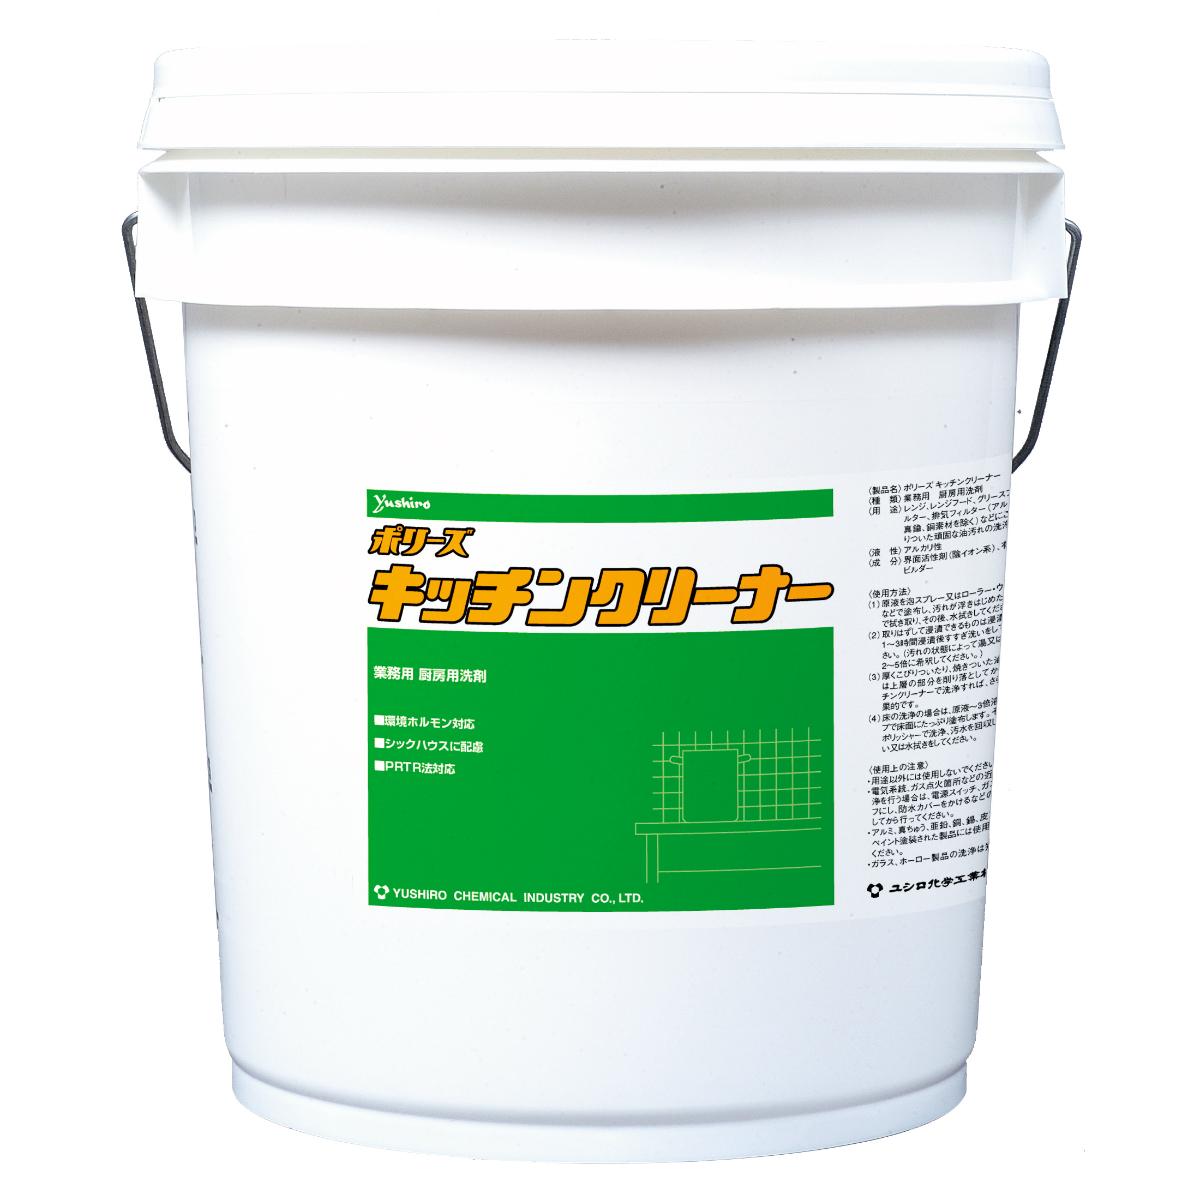 ユシロ化学工業 ポリーズ キッチンクリーナー 18L